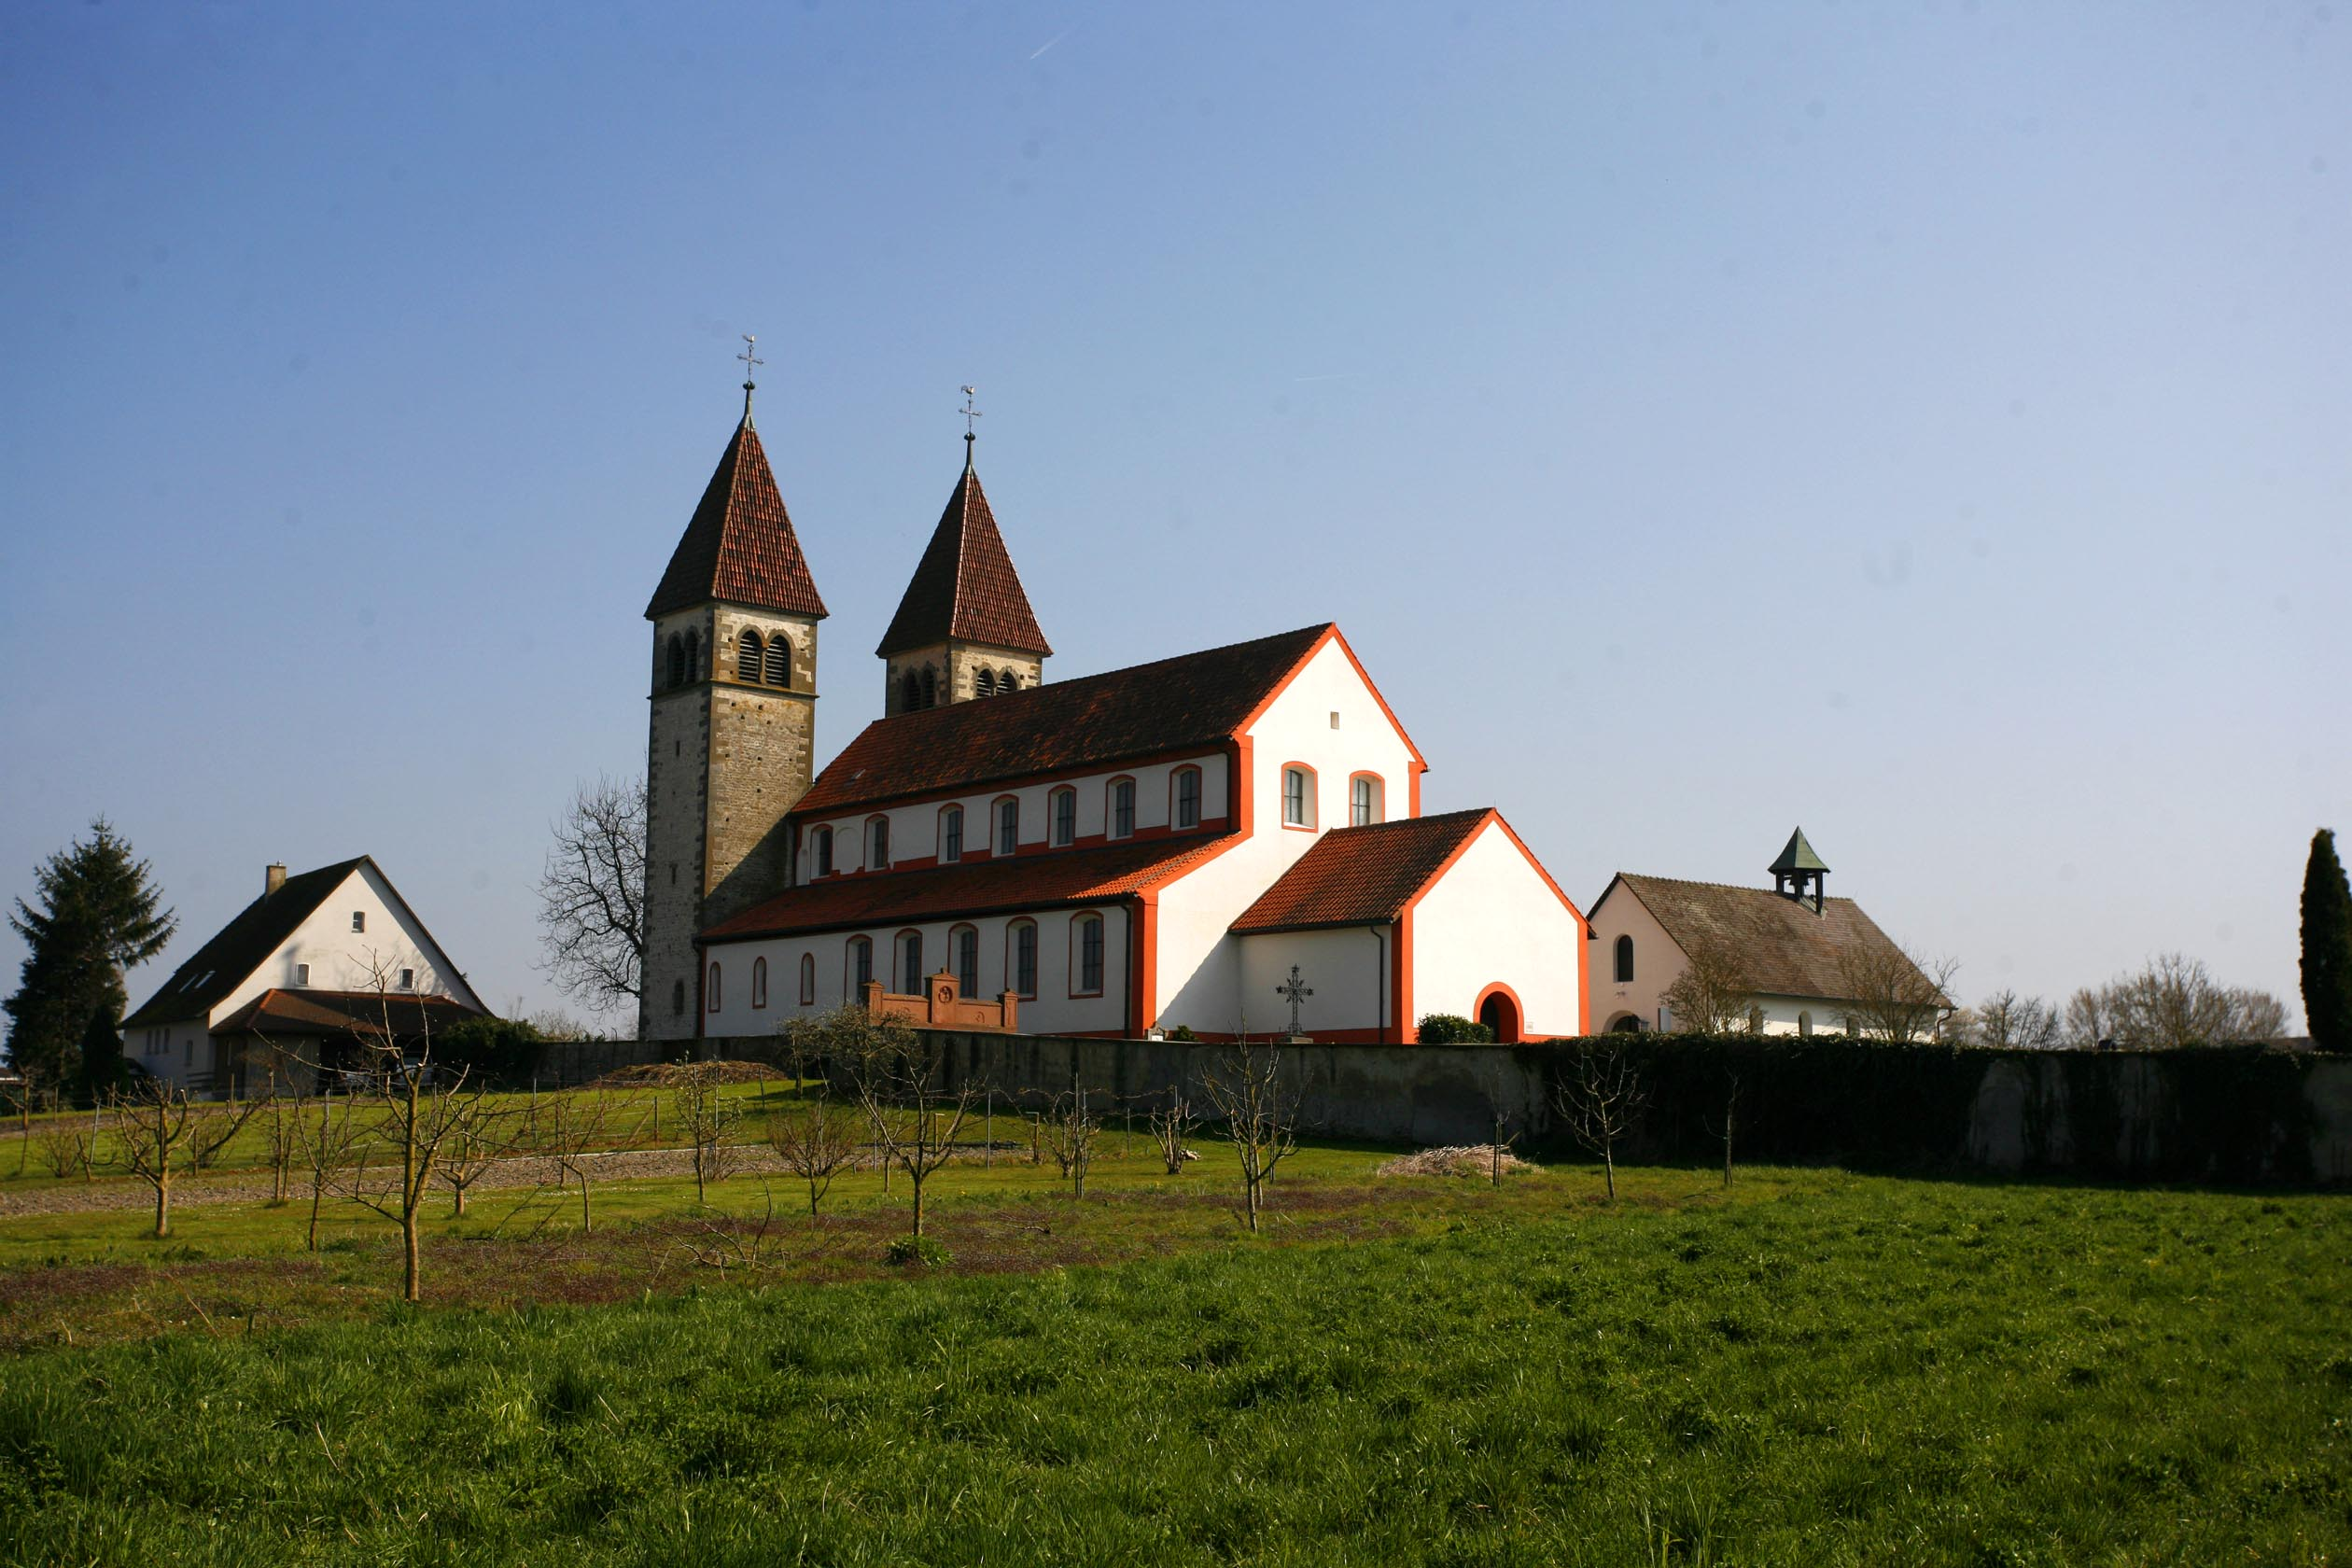 K8-11 Bodensee_Reichenau_AM_2008_